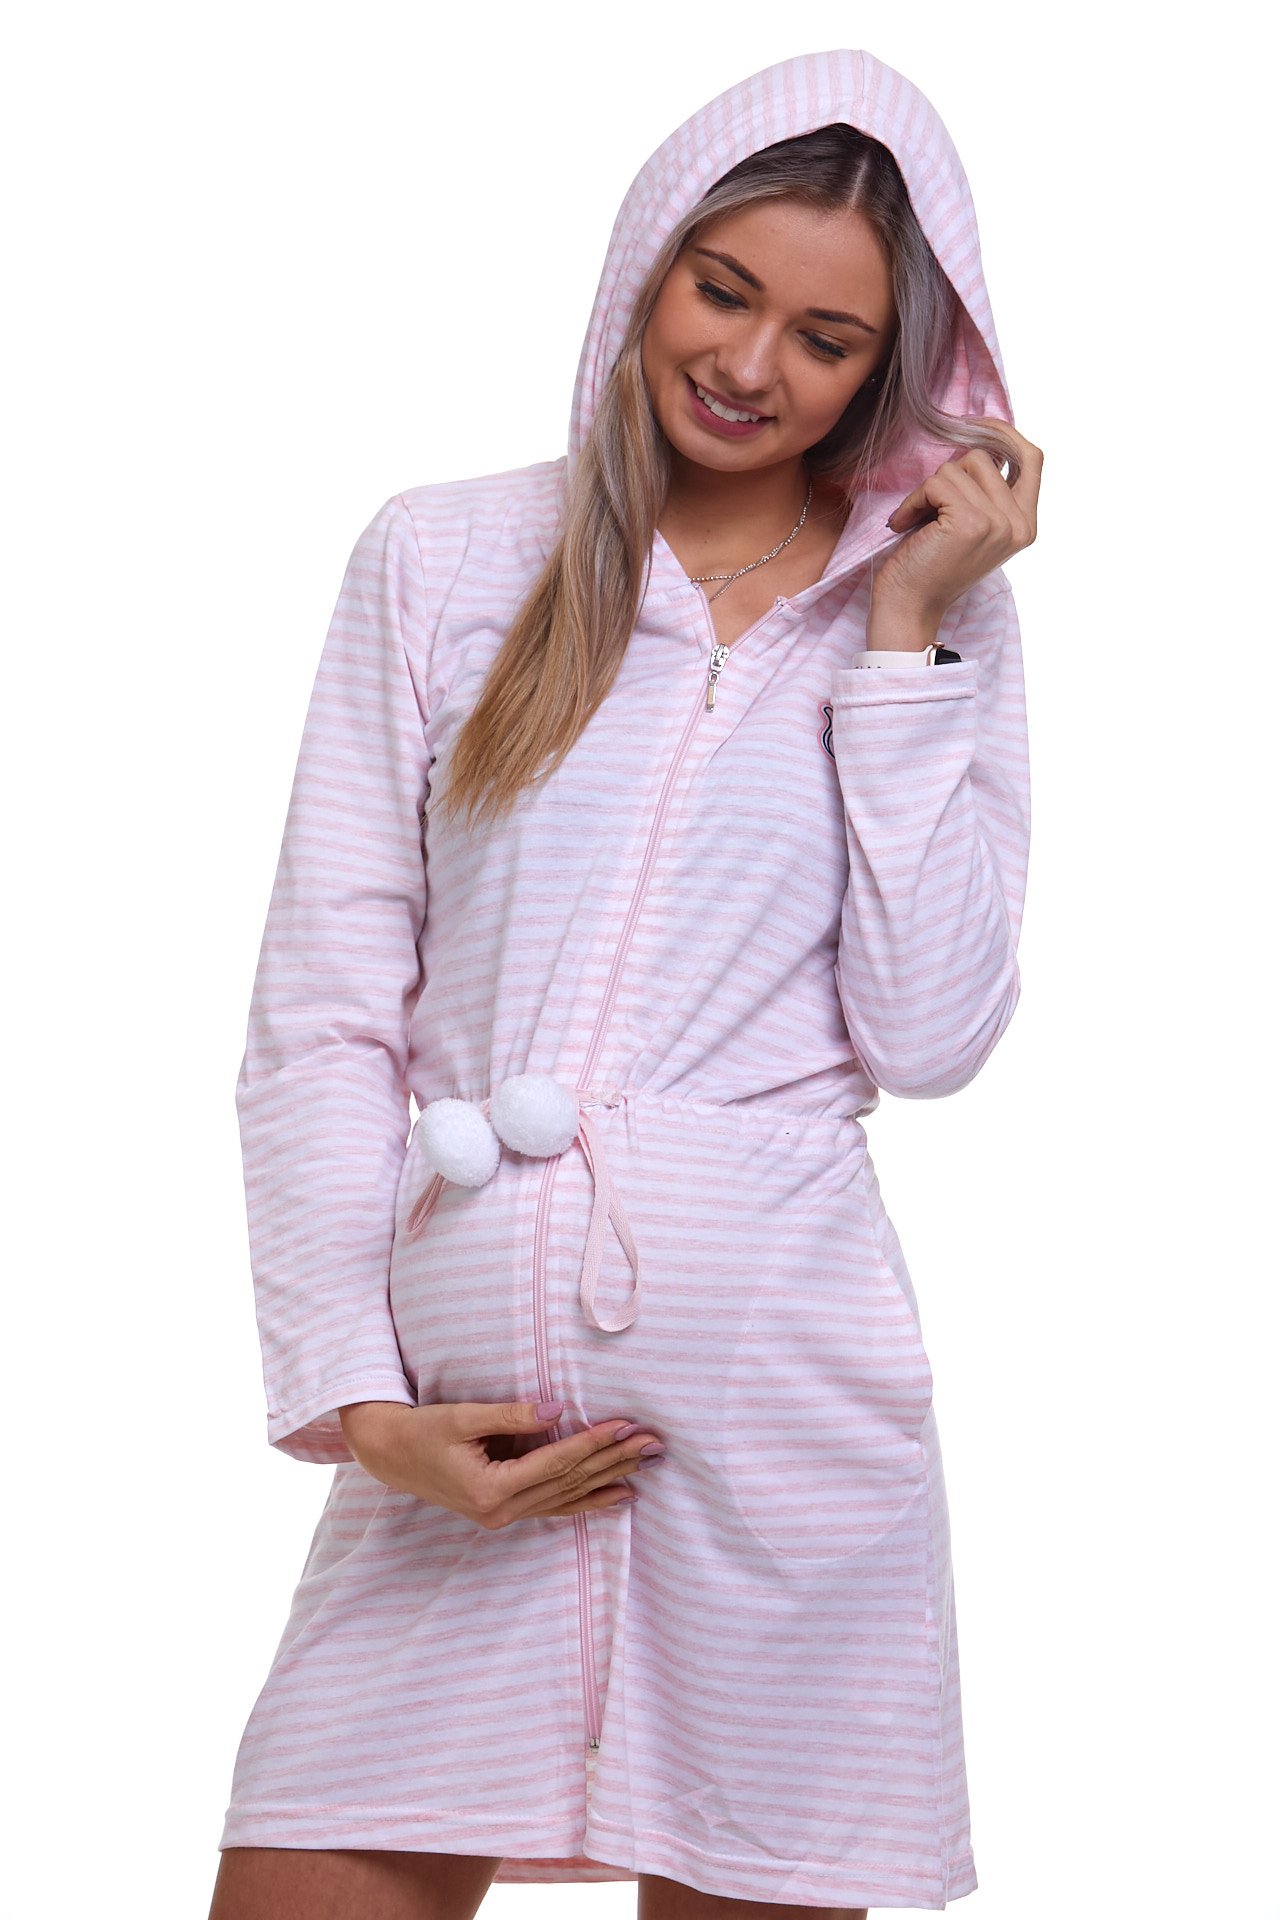 Těhotenský župan na kojení 1G0327